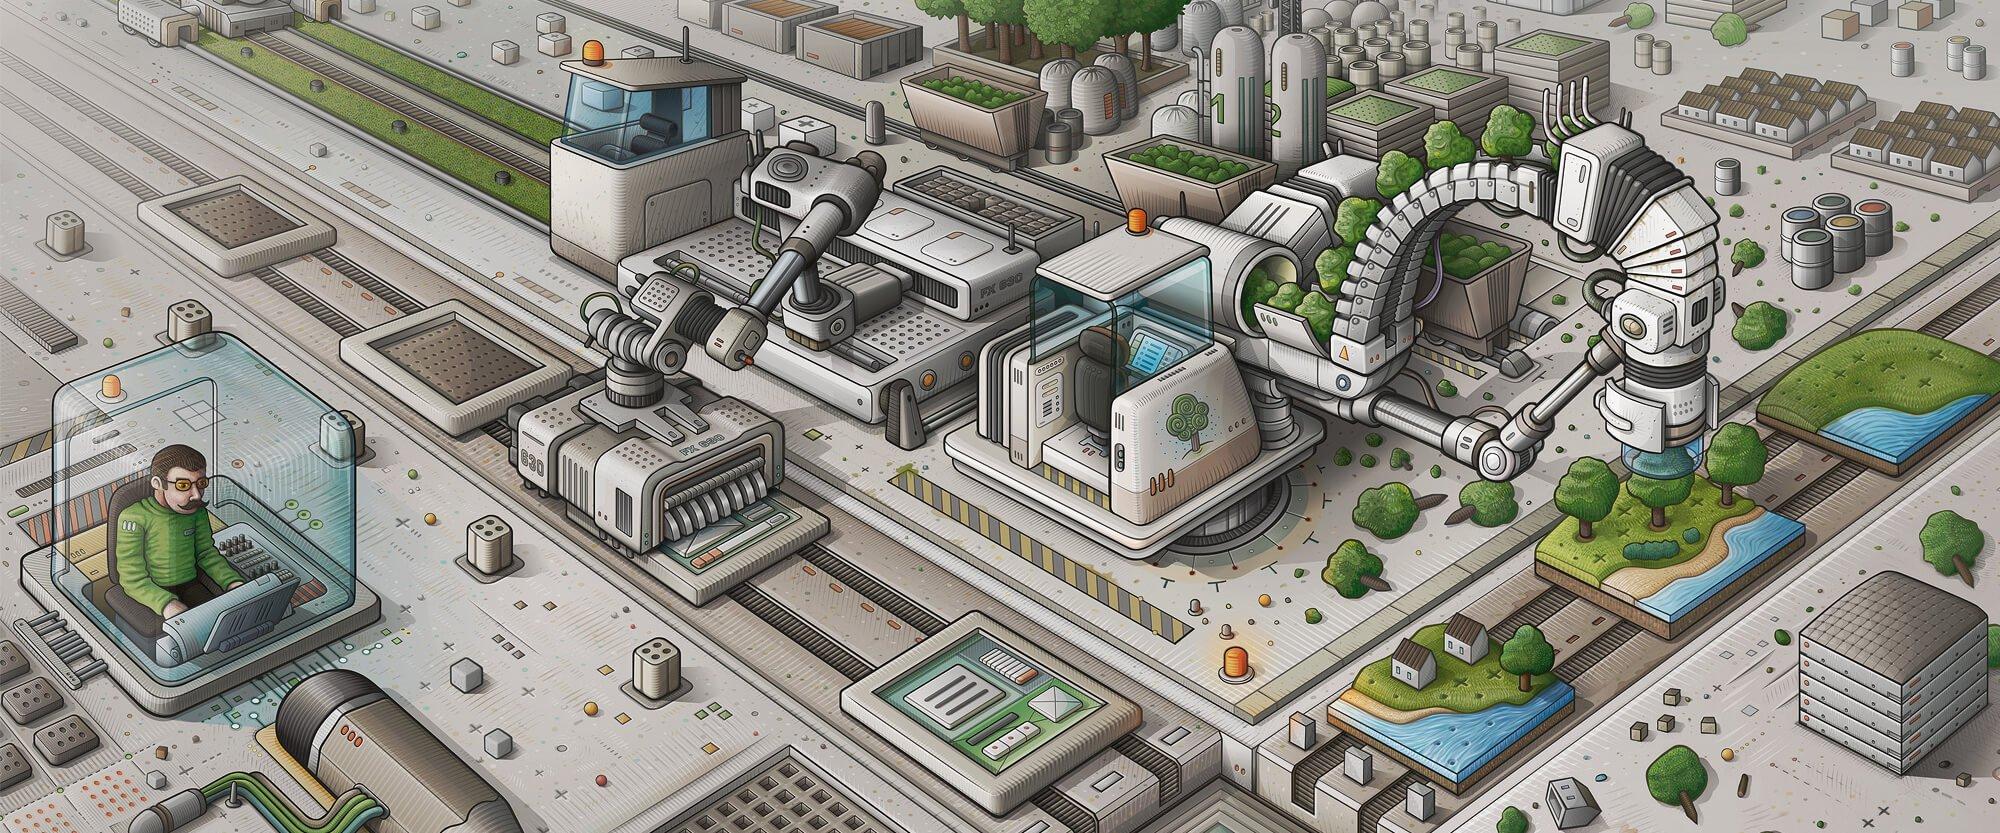 Illustration vectorielle d'un univers technologique